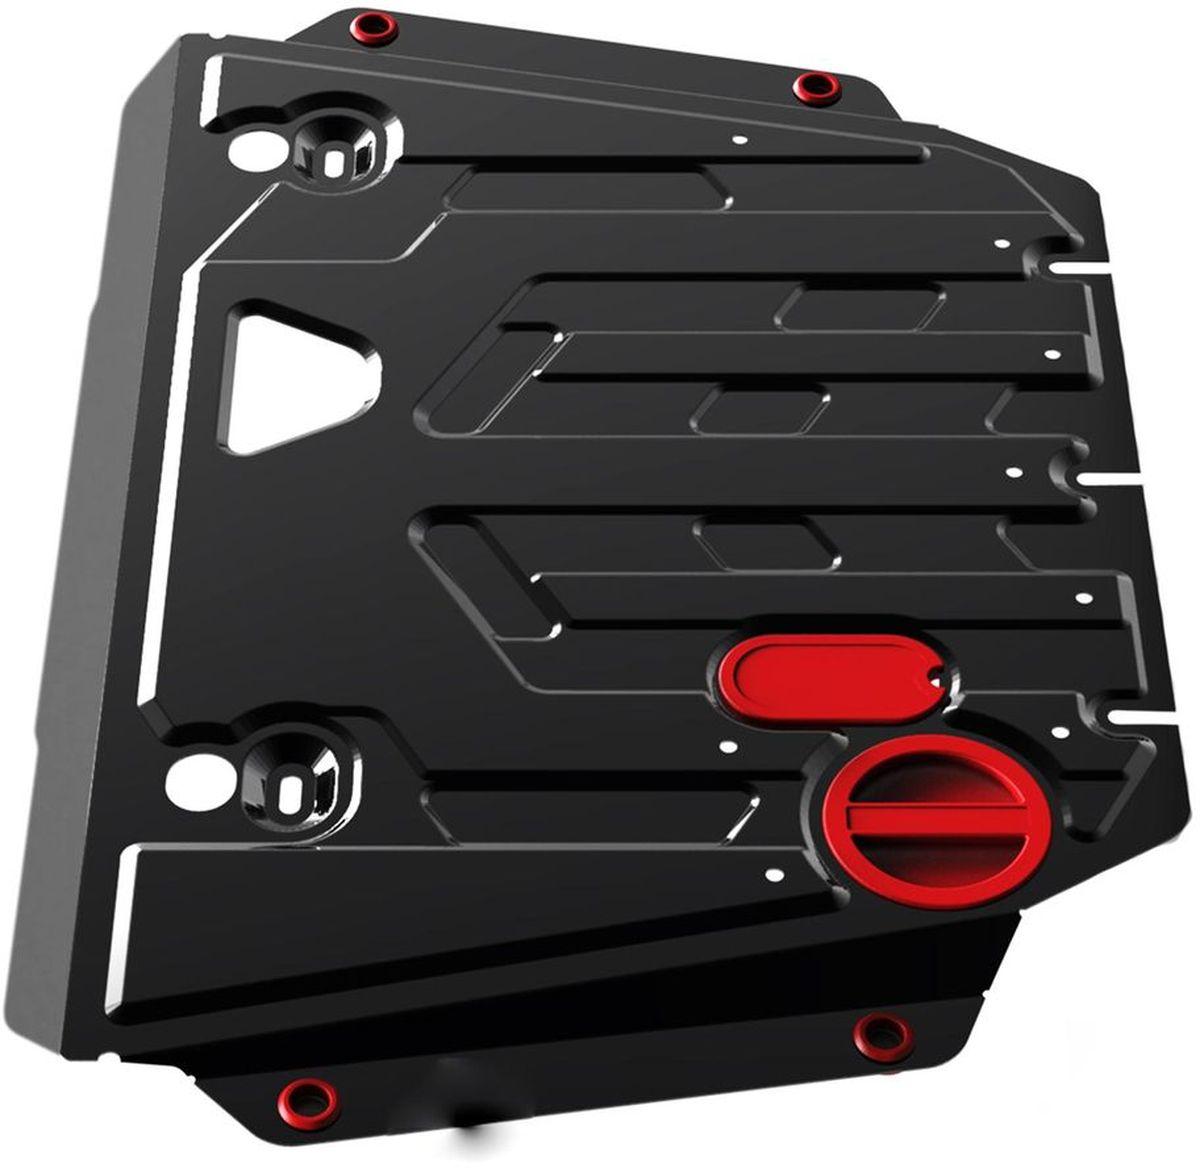 Защита картера и КПП Автоброня, для Lifan Smily, V - 1,3 (2014-)111.03312.1Технологически совершенный продукт за невысокую стоимость. Защита разработана с учетом особенностей днища автомобиля, что позволяет сохранить дорожный просвет с минимальным изменением. Защита устанавливается в штатные места кузова автомобиля. Глубокий штамп обеспечивает до двух раз больше жесткости в сравнении с обычной защитой той же толщины. Проштампованные ребра жесткости препятствуют деформации защиты при ударах. Тепловой зазор и вентиляционные отверстия обеспечивают сохранение температурного режима двигателя в норме. Скрытый крепеж предотвращает срыв крепежных элементов при наезде на препятствие. Шумопоглощающие резиновые элементы обеспечивают комфортную езду без вибраций и скрежета металла, а съемные лючки для слива масла и замены фильтра - экономию средств и время. Конструкция изделия не влияет на пассивную безопасность автомобиля (при ударе защита не воздействует на деформационные зоны кузова). Со штатным крепежом. В комплекте инструкция по установке....